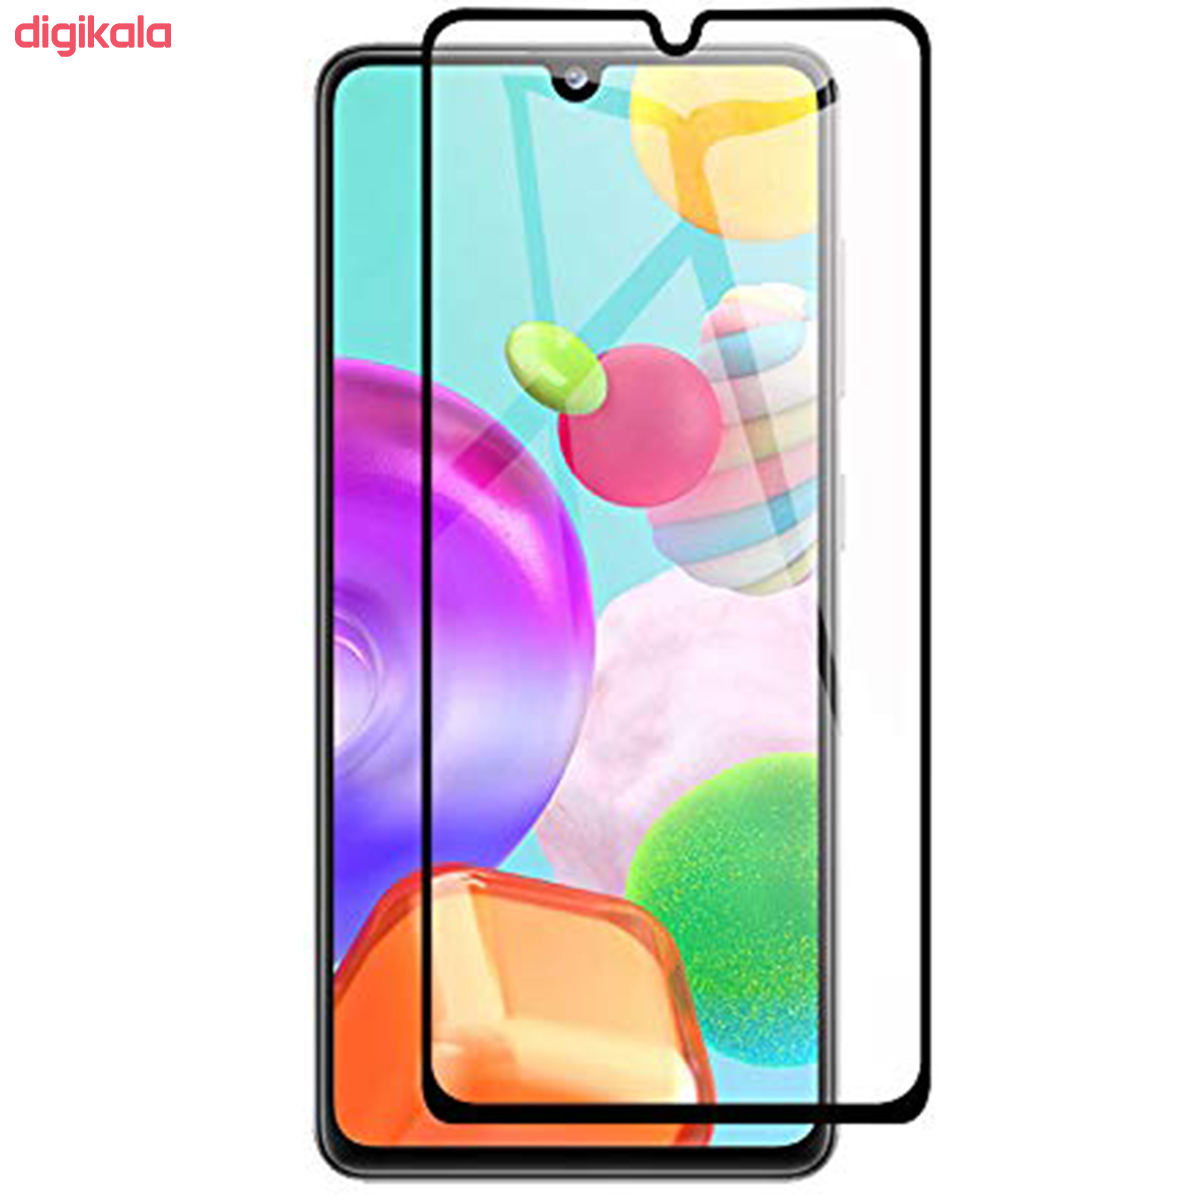 محافظ صفحه نمایش مدل PHSI مناسب برای گوشی موبایل سامسونگ Galaxy A31 main 1 3